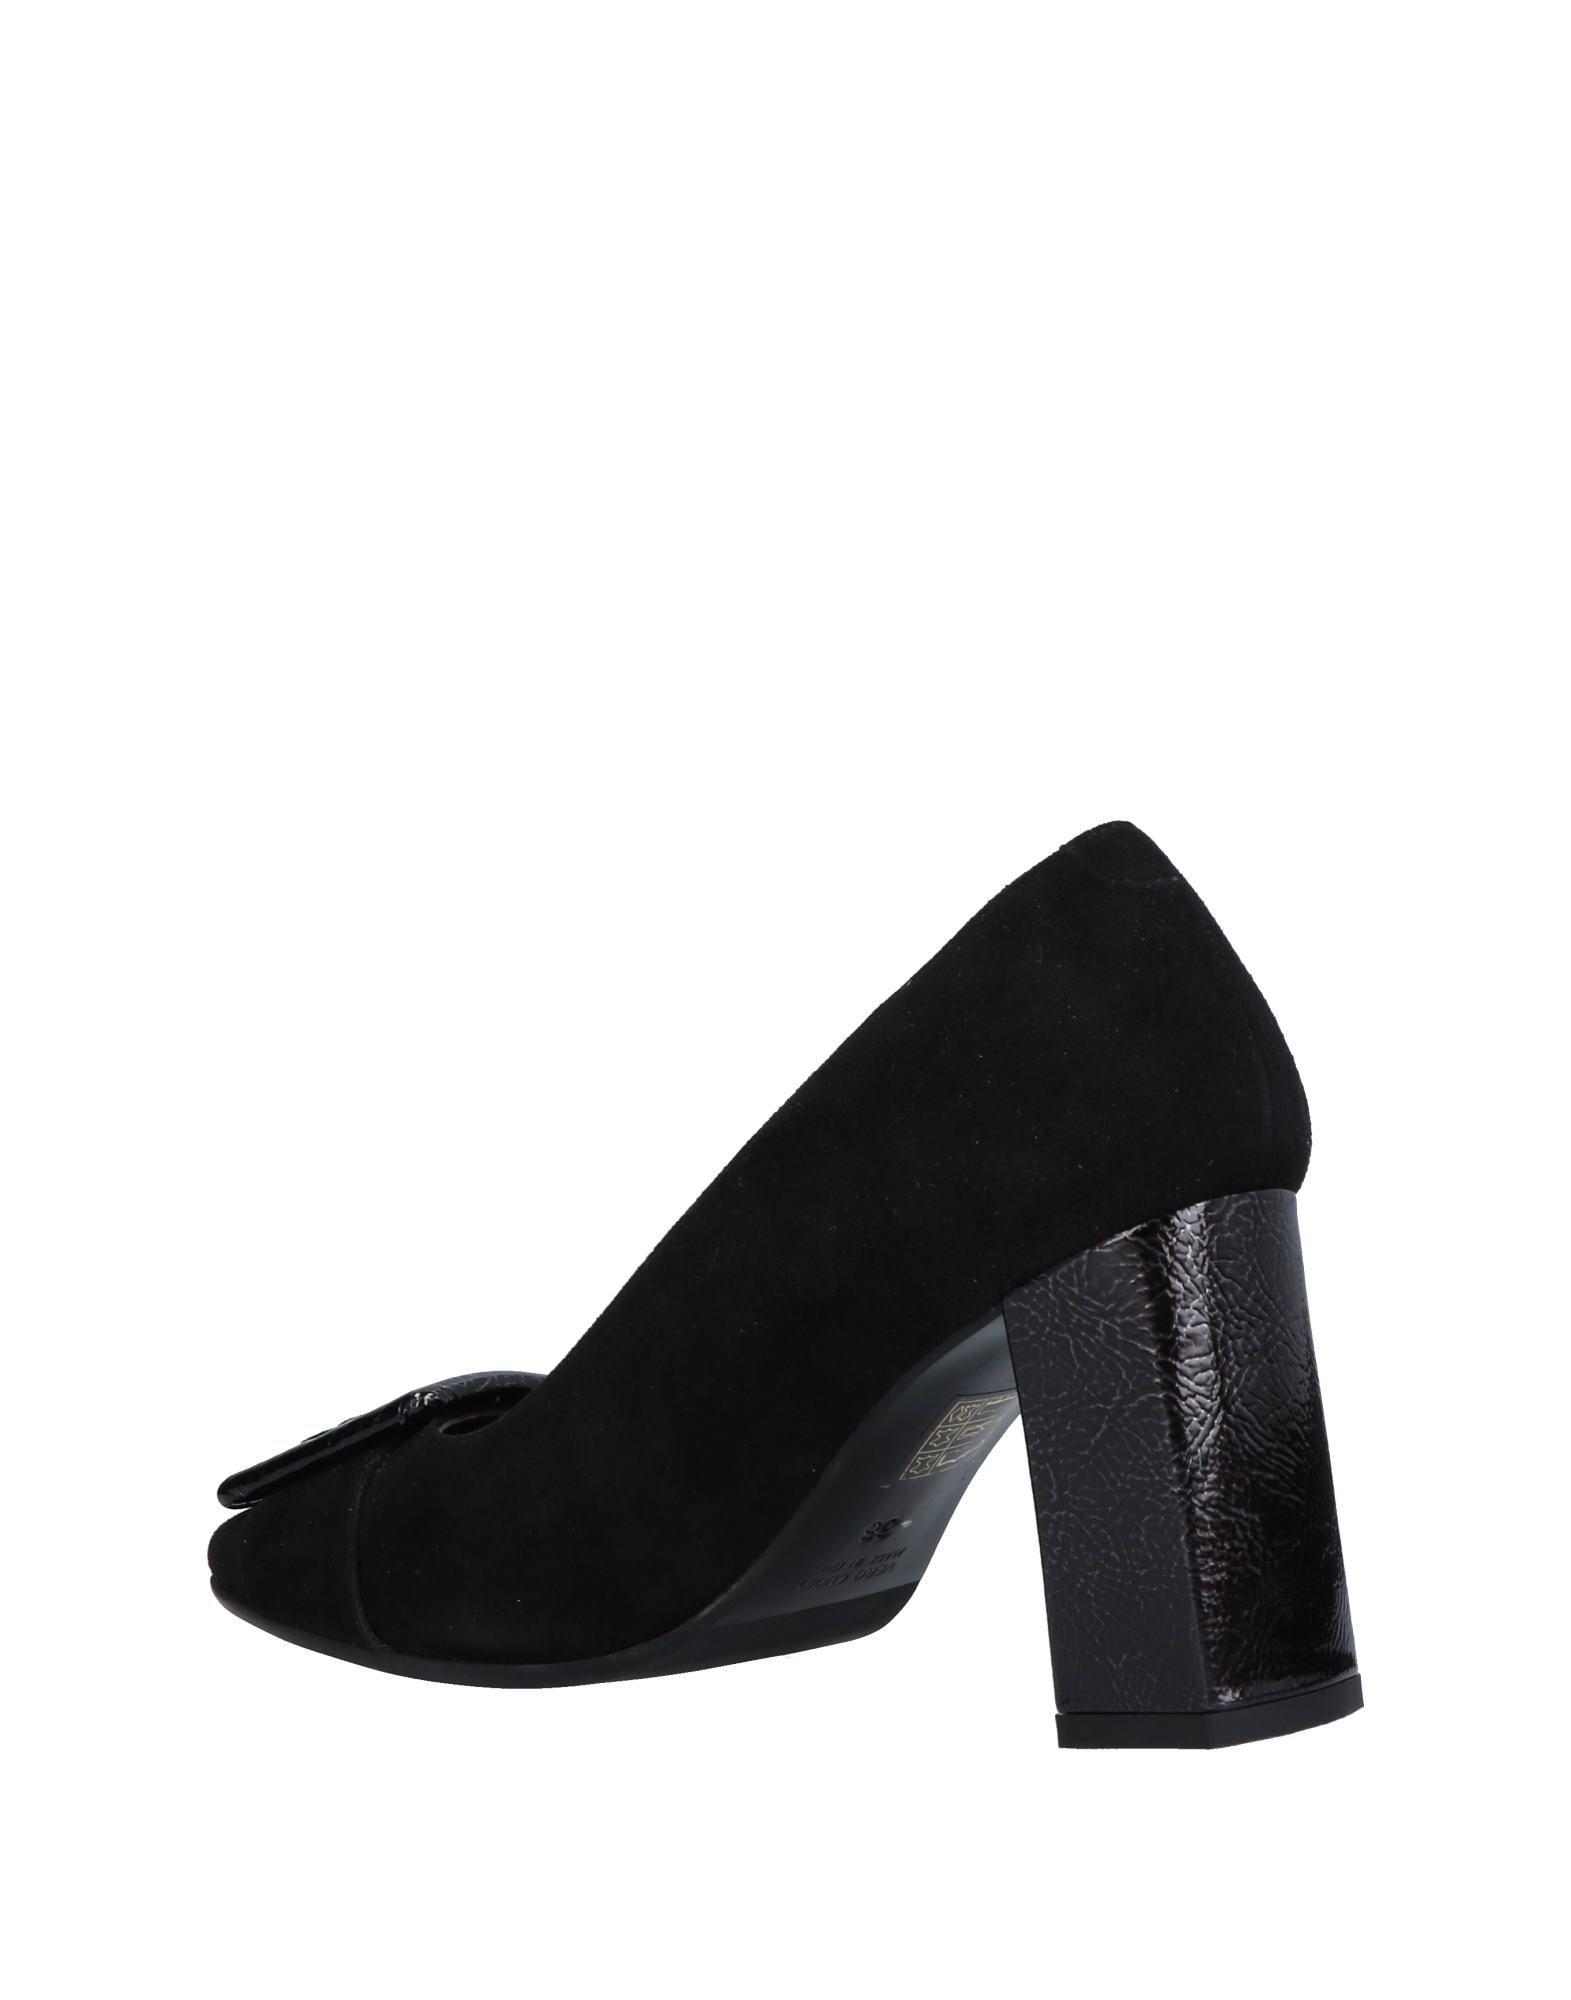 Lorbac Pumps Damen  11502757DB 11502757DB  Gute Qualität beliebte Schuhe 640cff